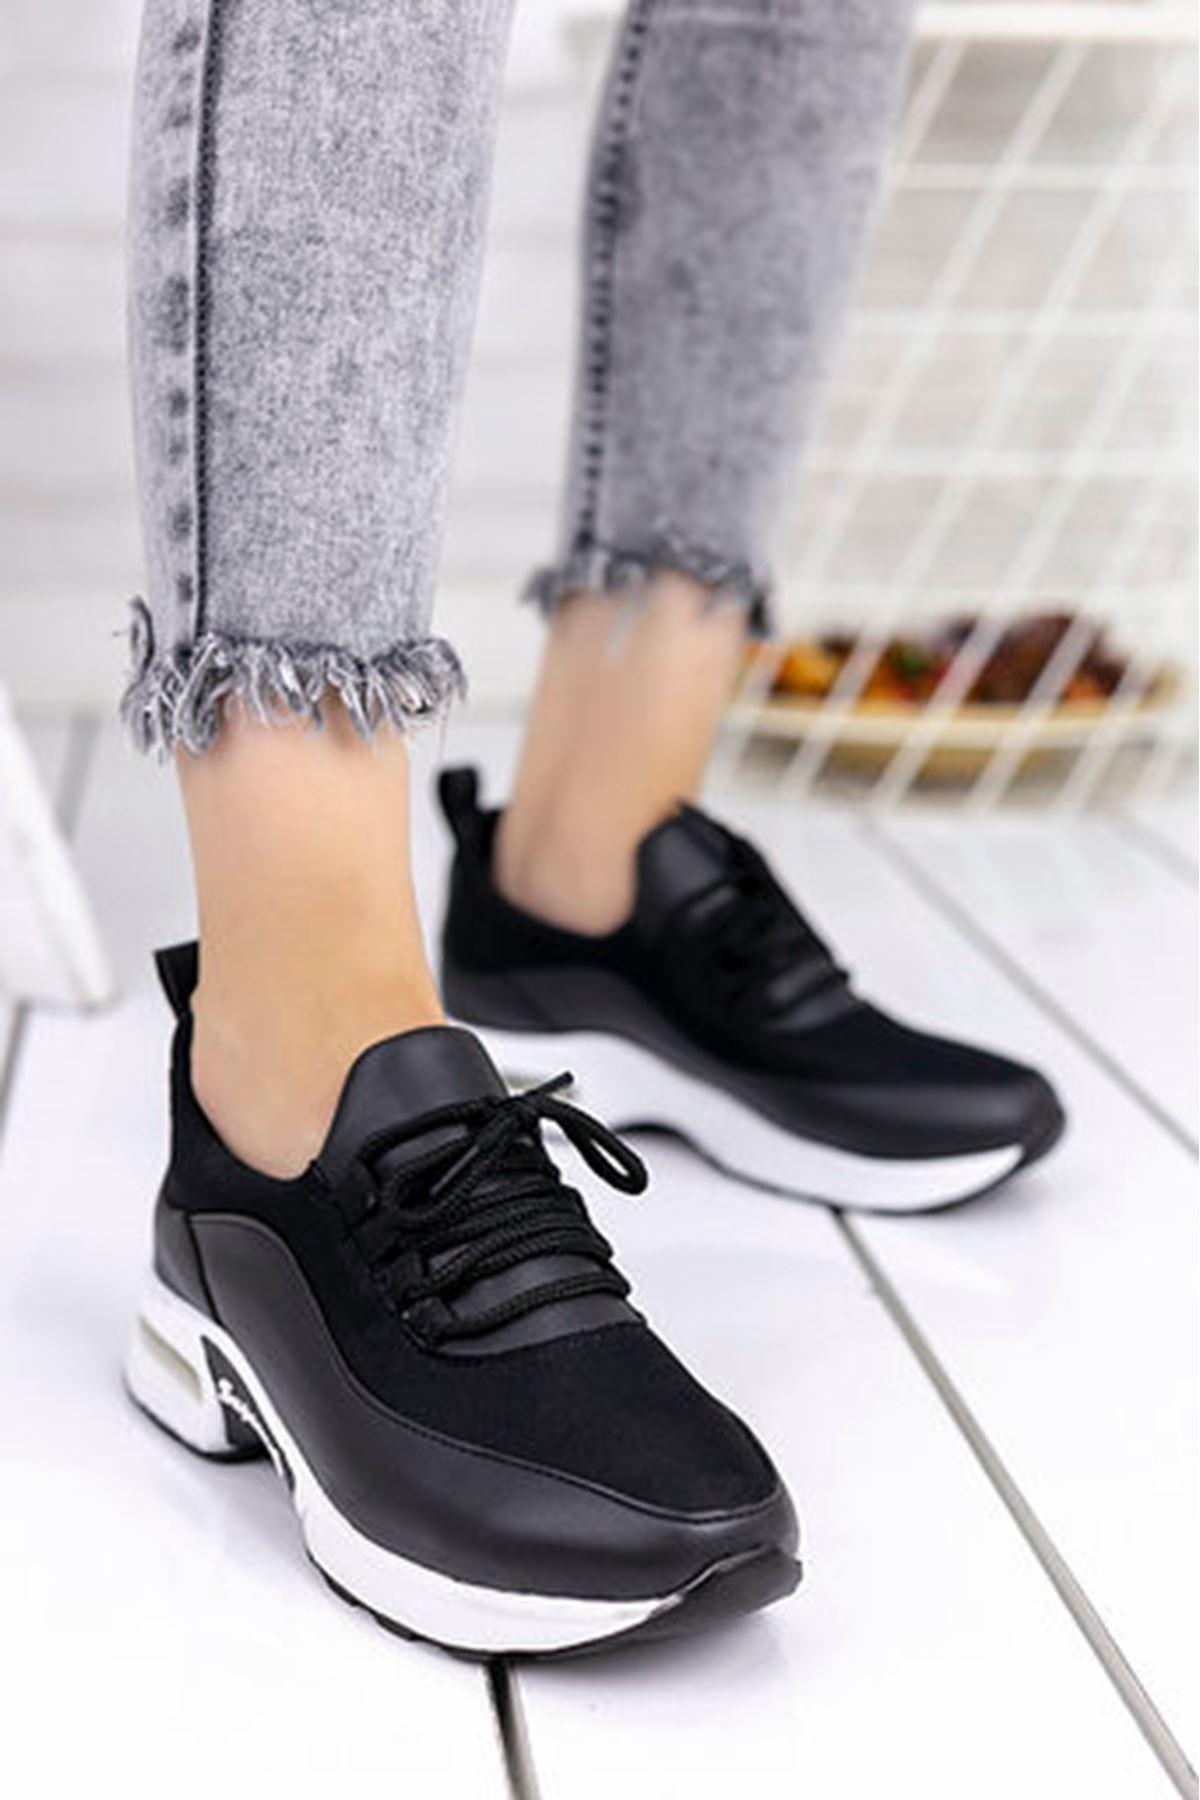 Lexi Hava Tabanlı Dalgıç Kumaş Detay Spor Ayakkabı Siyah